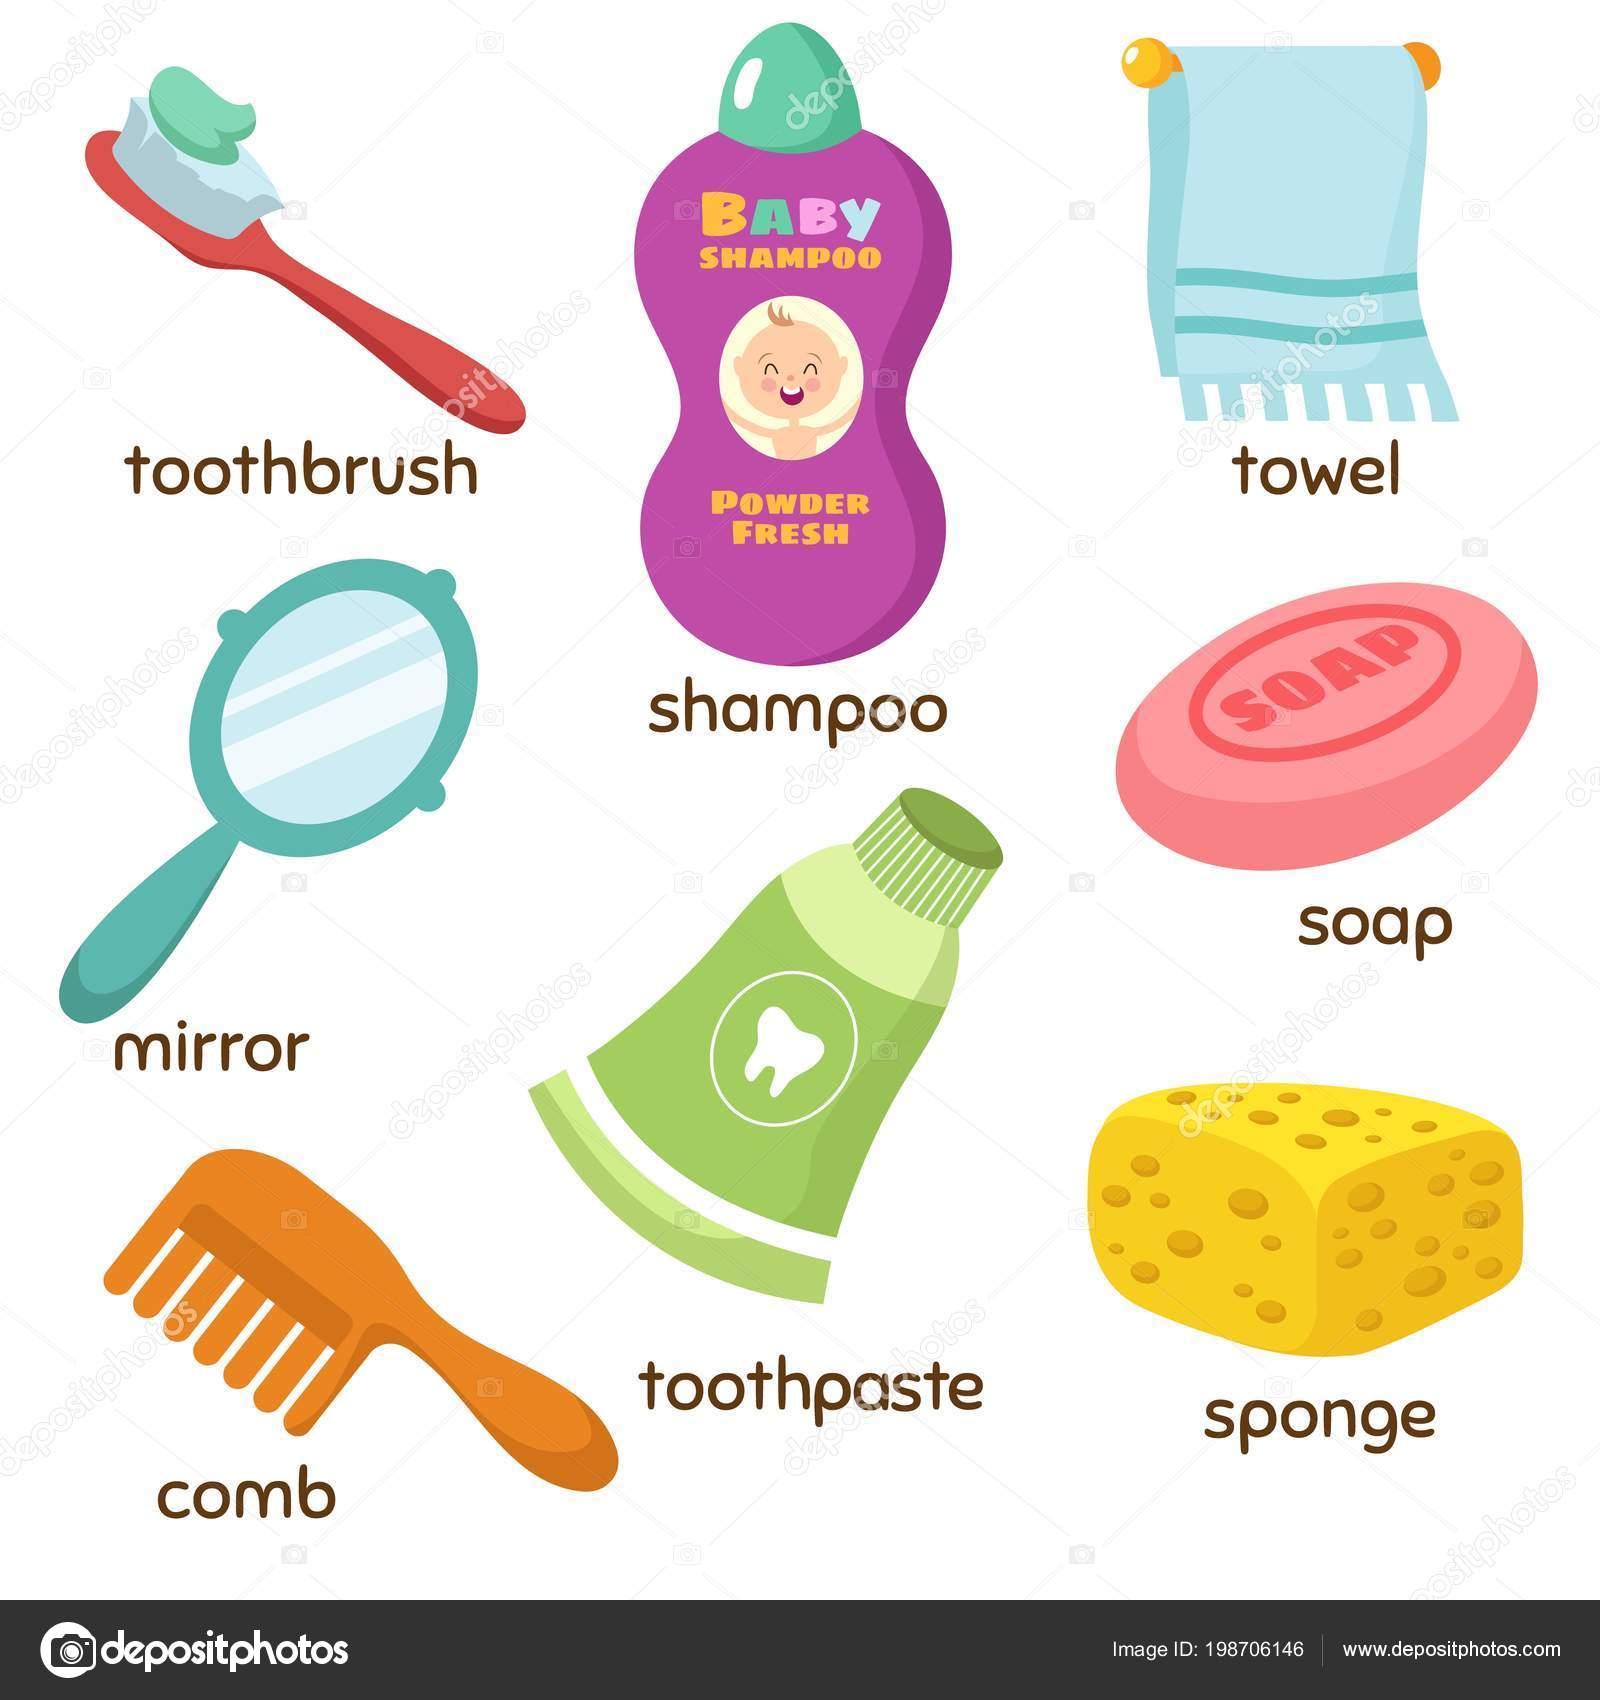 Dibujos animados iconos de vector de vocabulario de accesorios de baño. Espejo, toalla, esponja, cepillo de dientes y jabón — Vector de stock